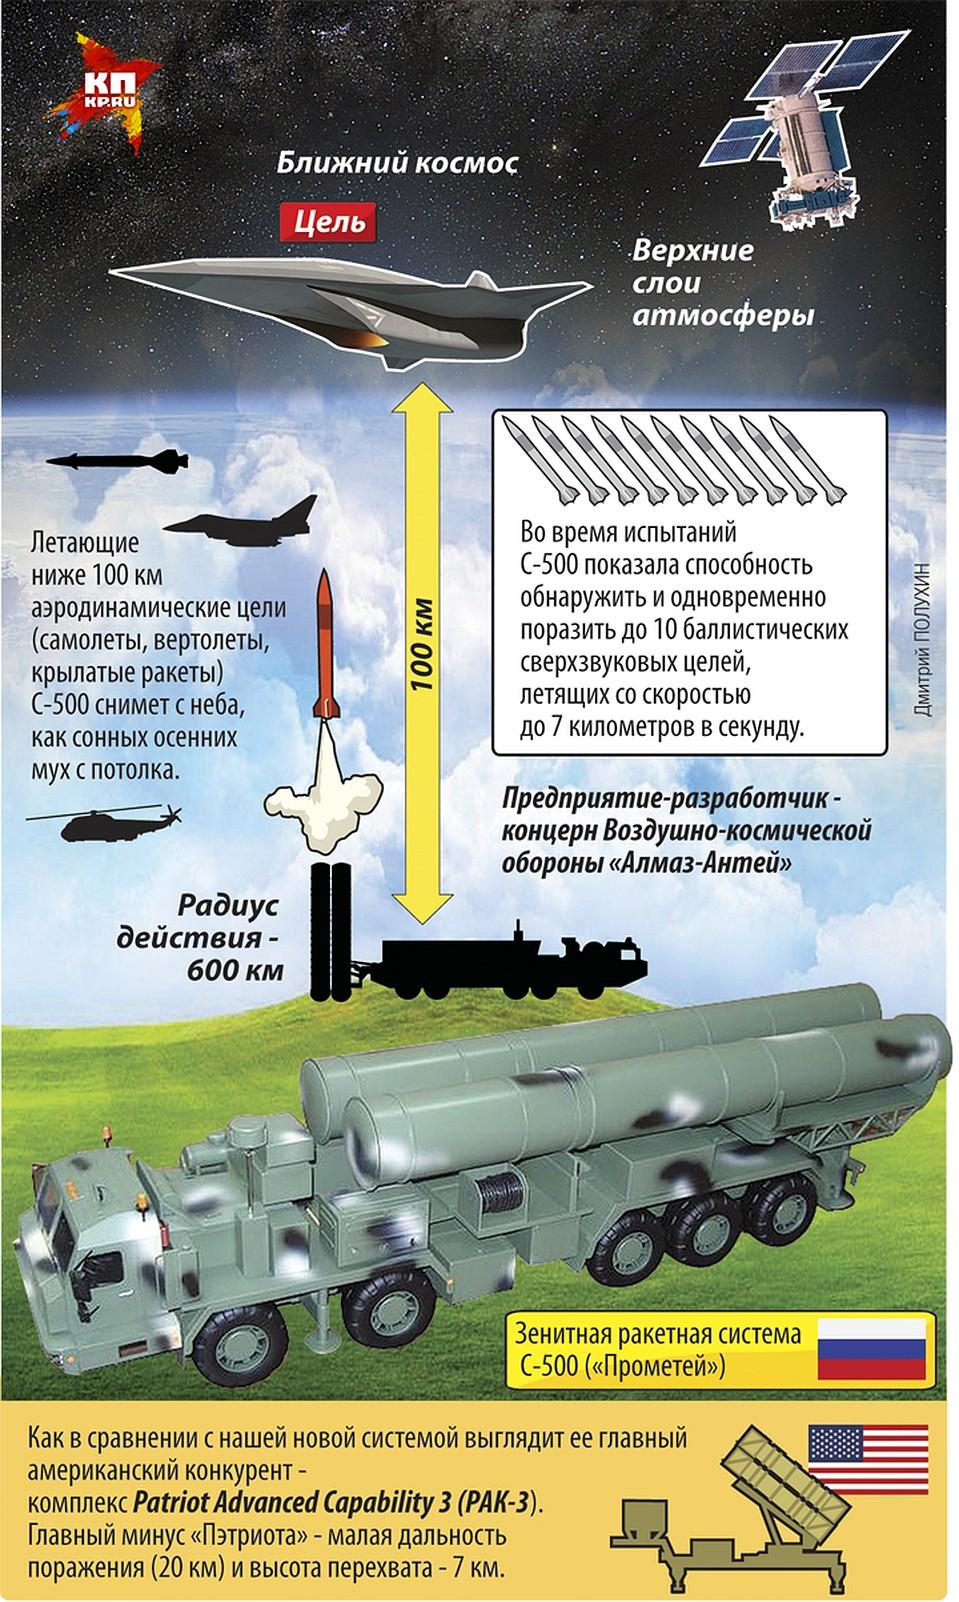 Разработчик рассказал о возможностях С-500